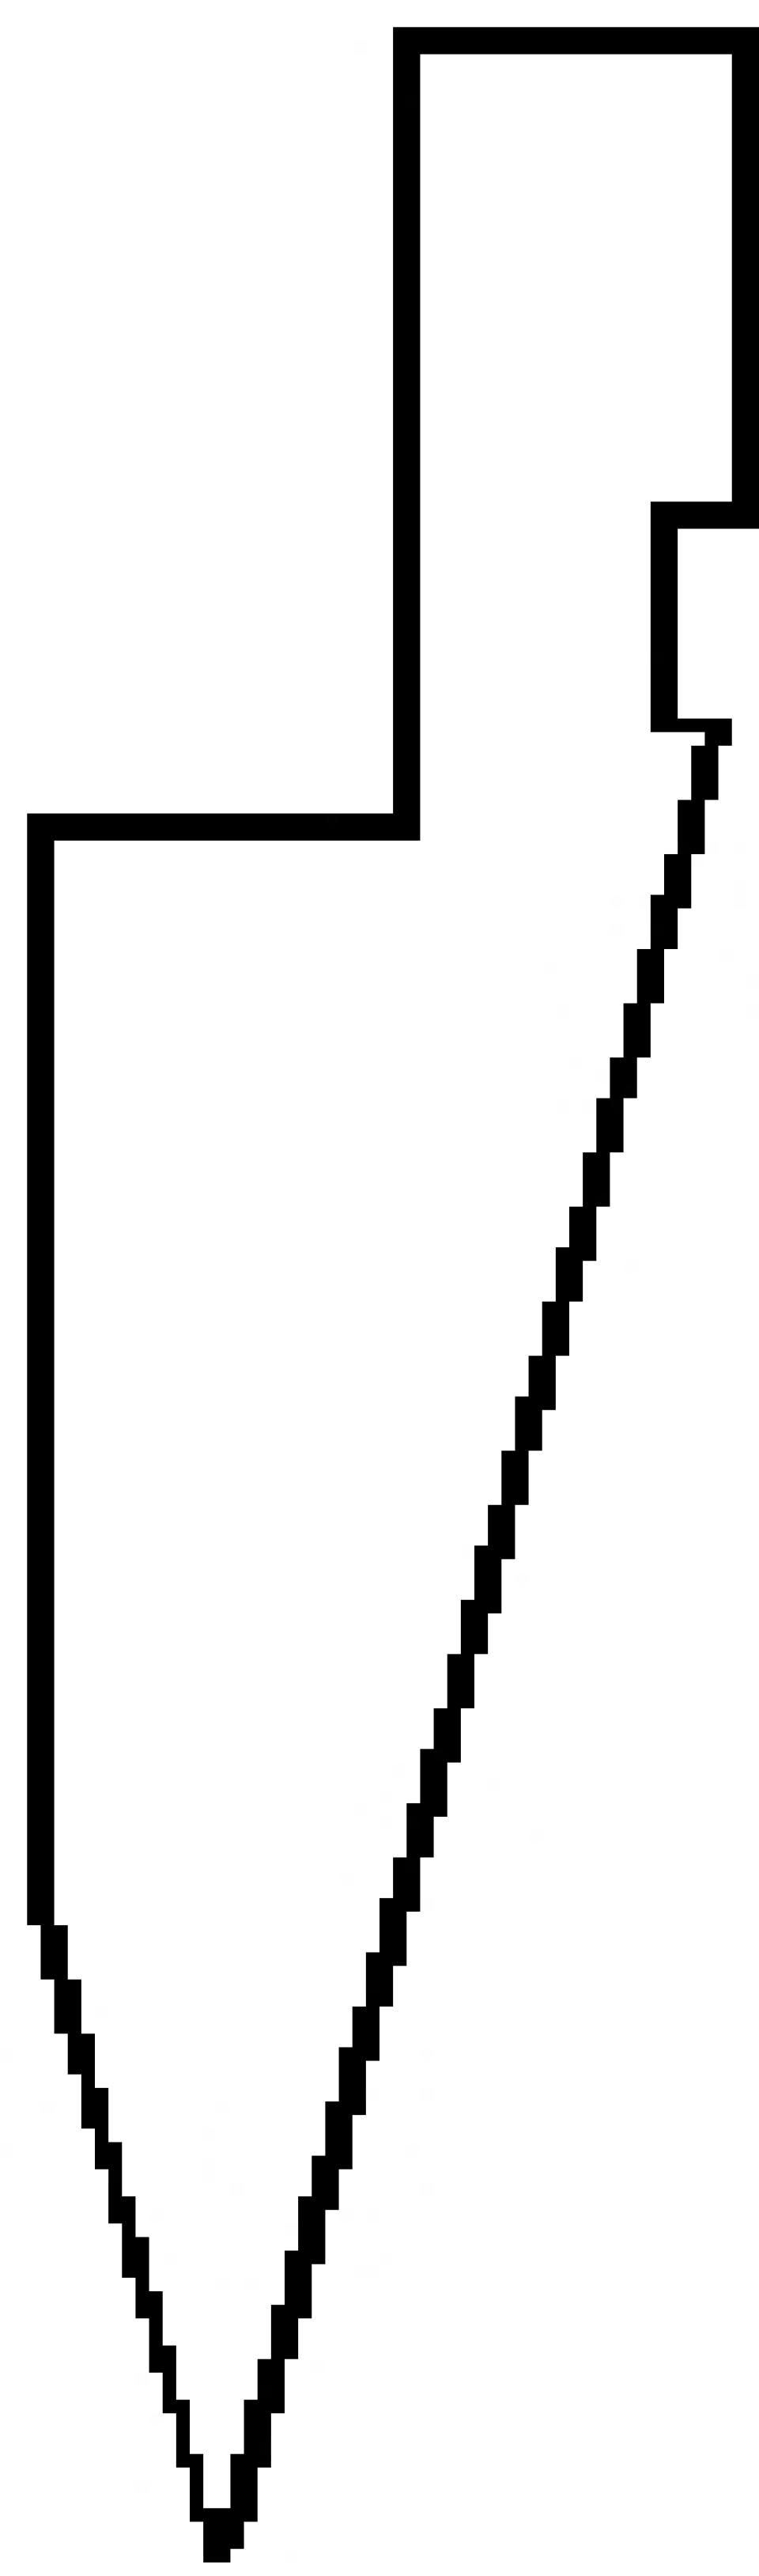 锐角**103(10380)